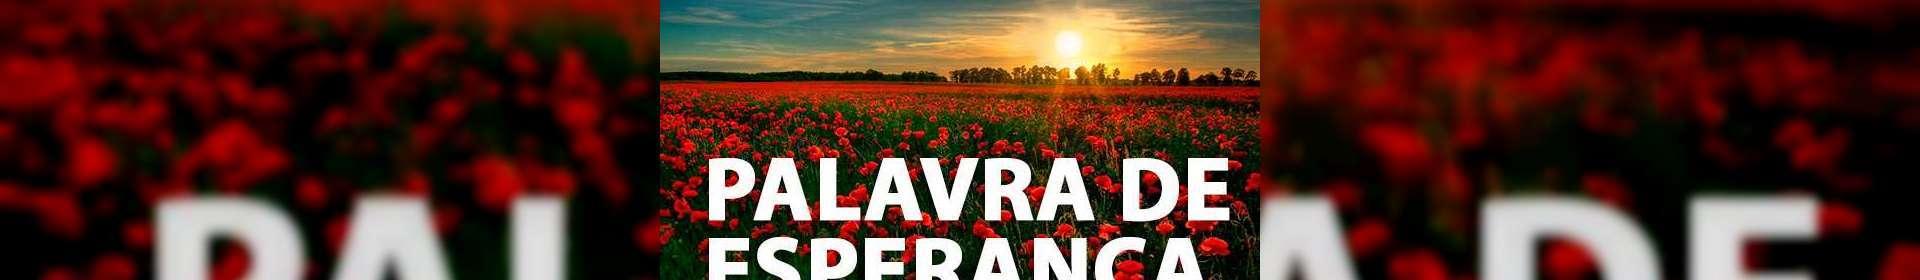 Apocalipse 2:25-29 - Uma Palavra de Esperança para sua vida